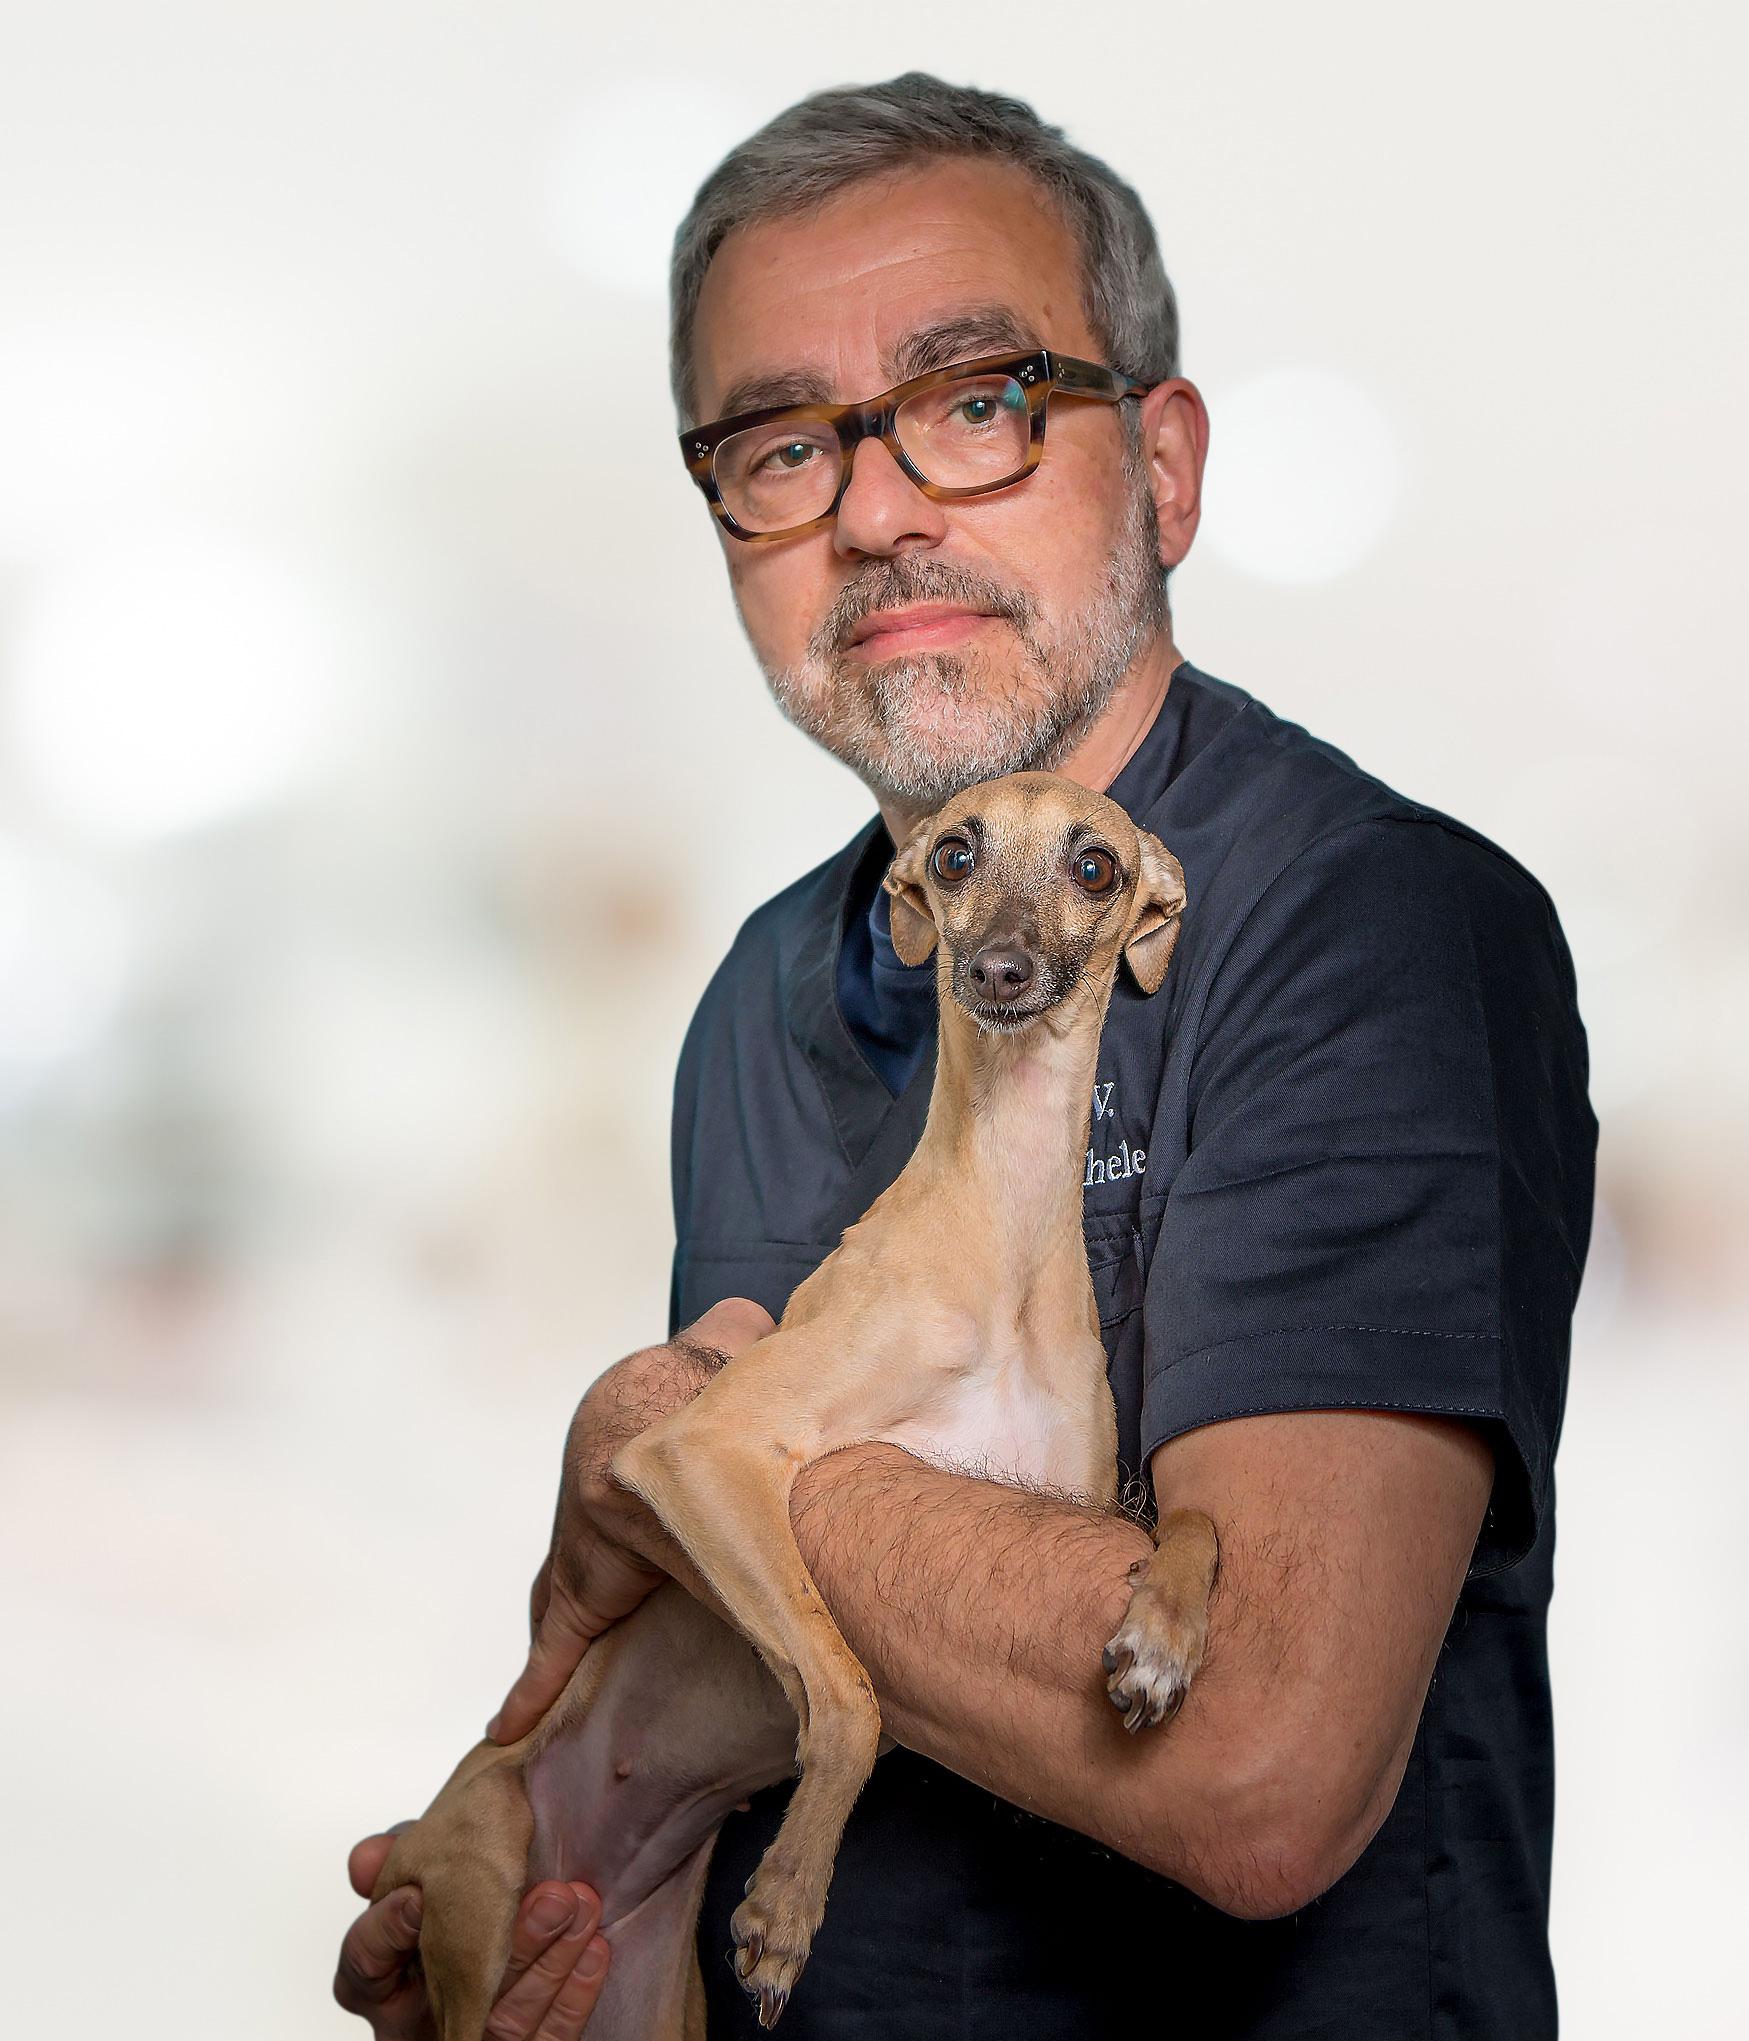 dott. Manlio Paiella - socio clinica veterinaria San Michele